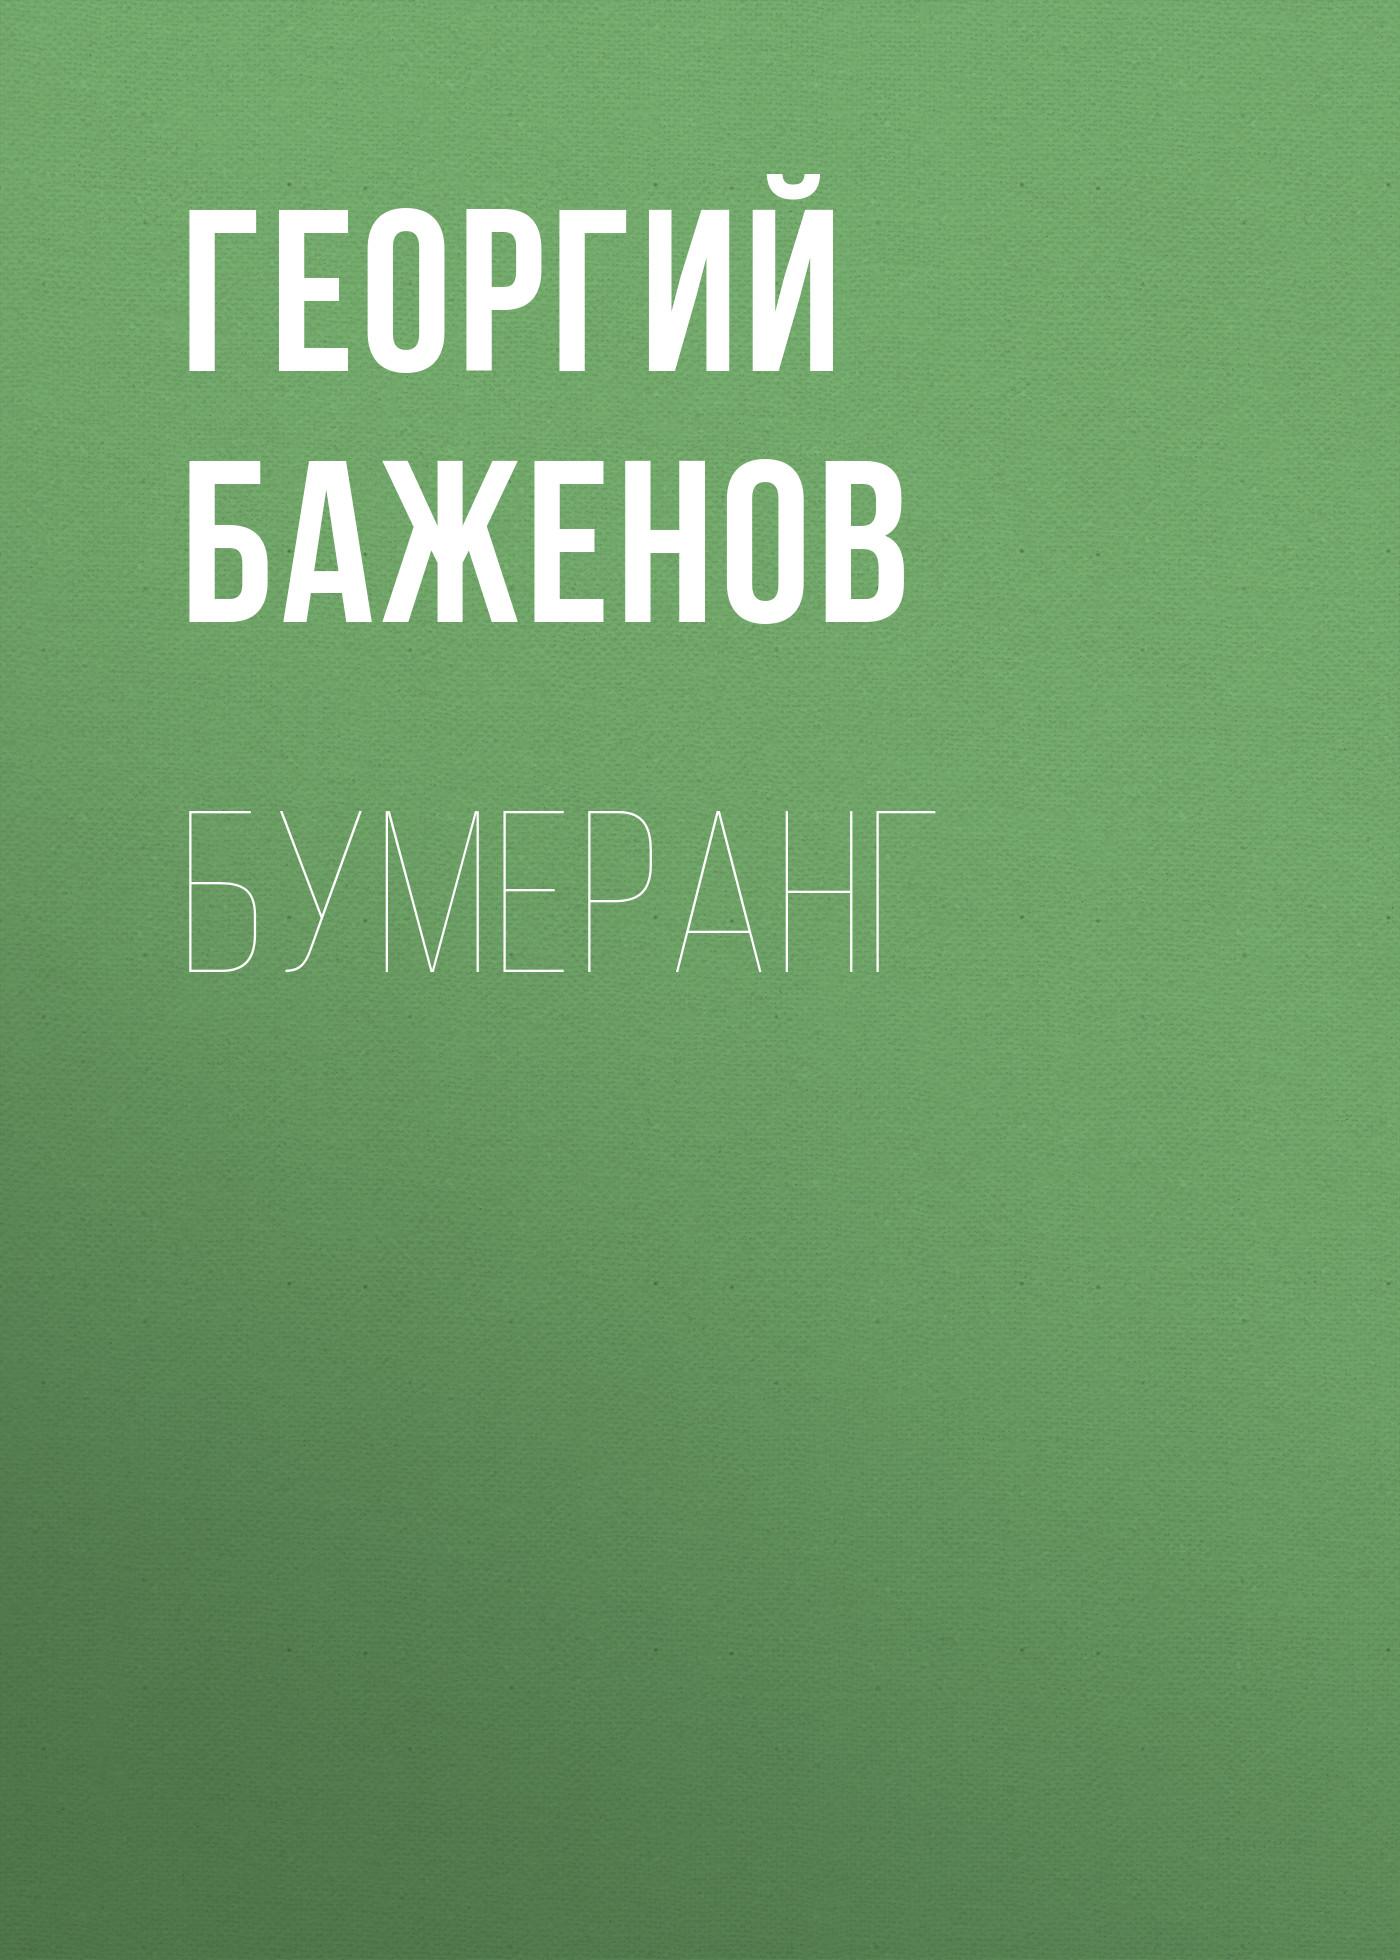 Георгий Баженов Бумеранг баженов георгий похищение любви